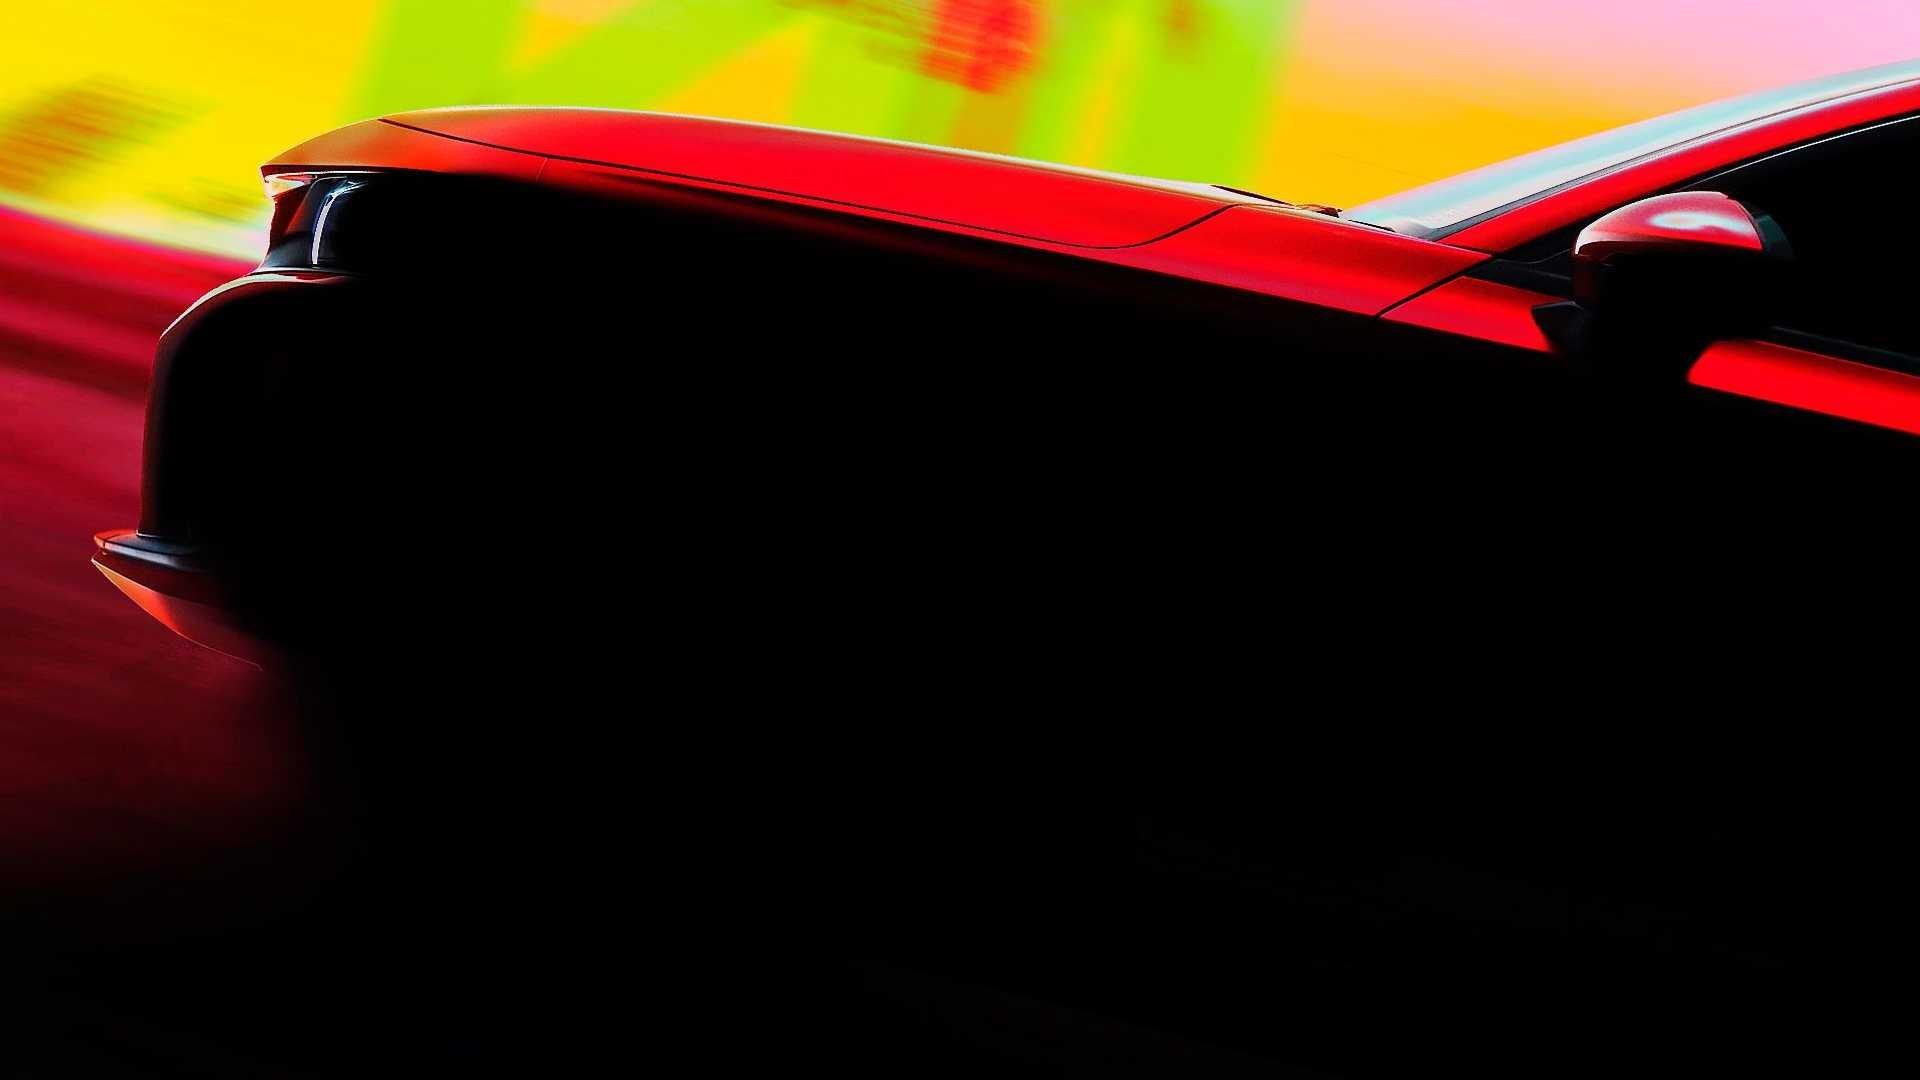 动感干练,本田发布思域HATCHBACK车型预告图